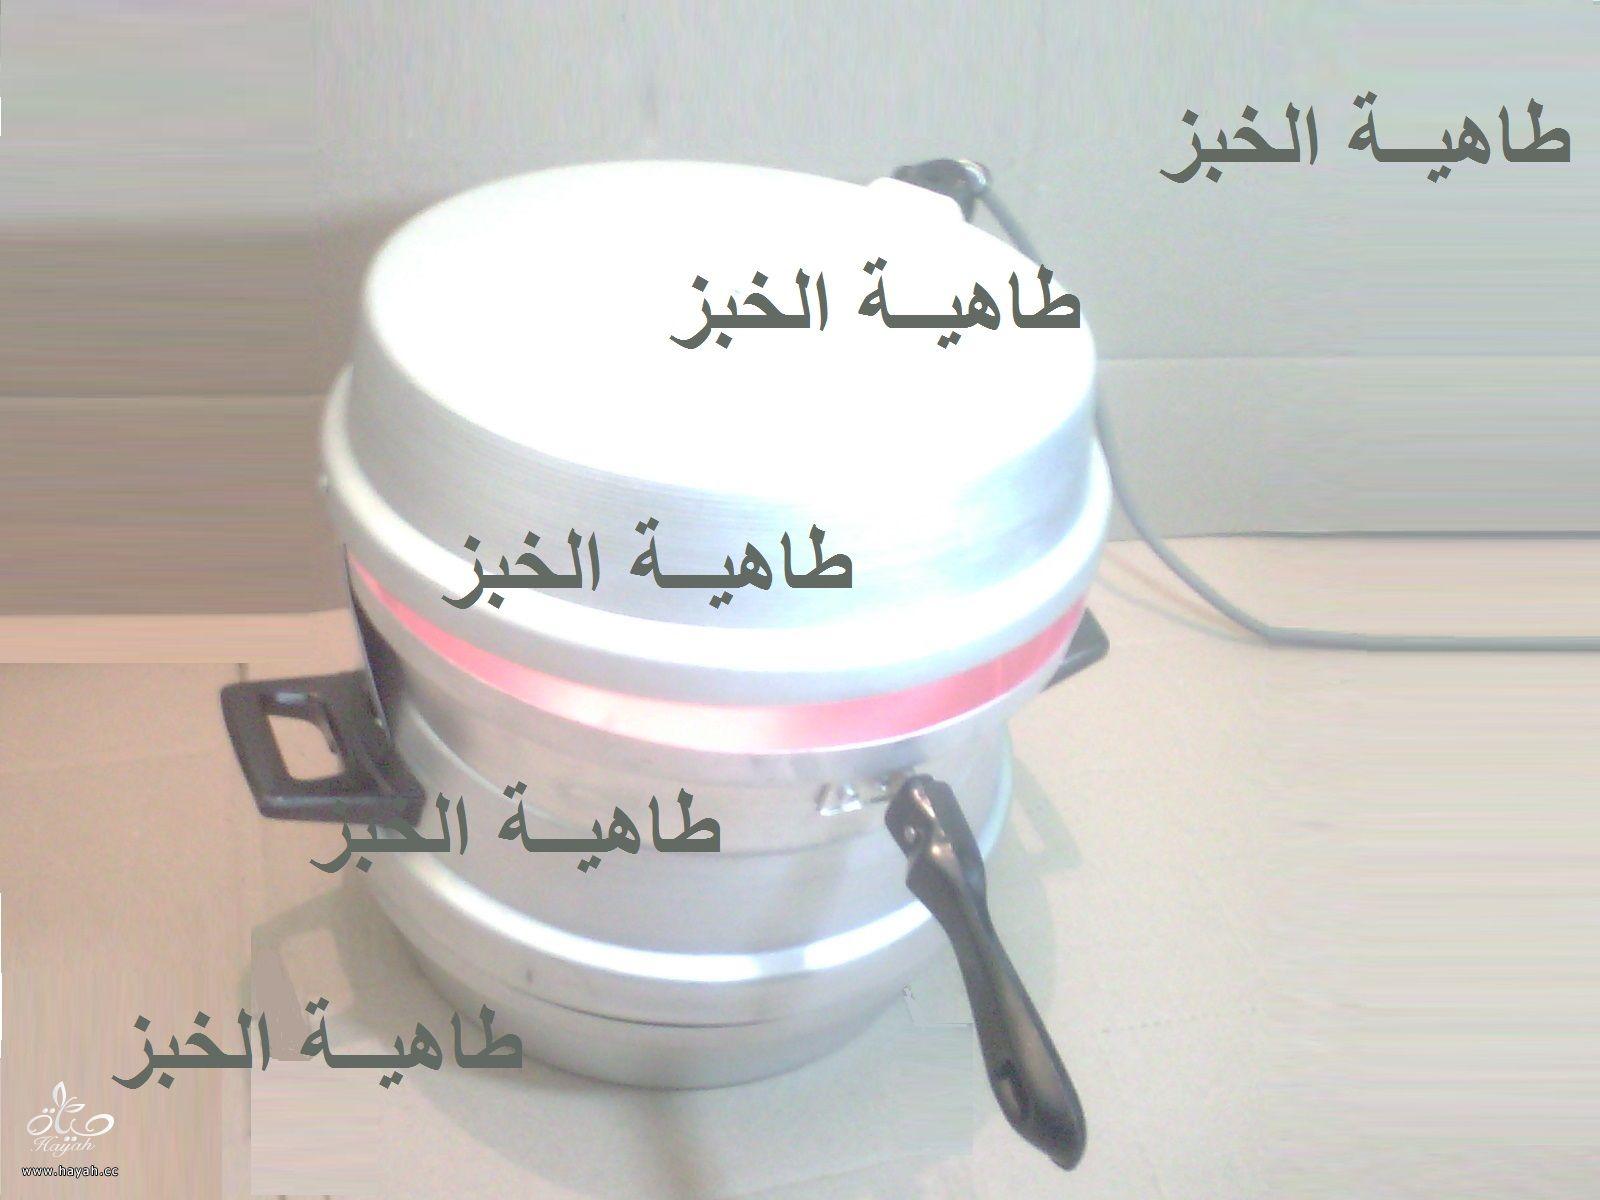 طريقة عمل الخبز المصرى  بالخبازة الكهربائية hayahcc_1394407389_935.jpg